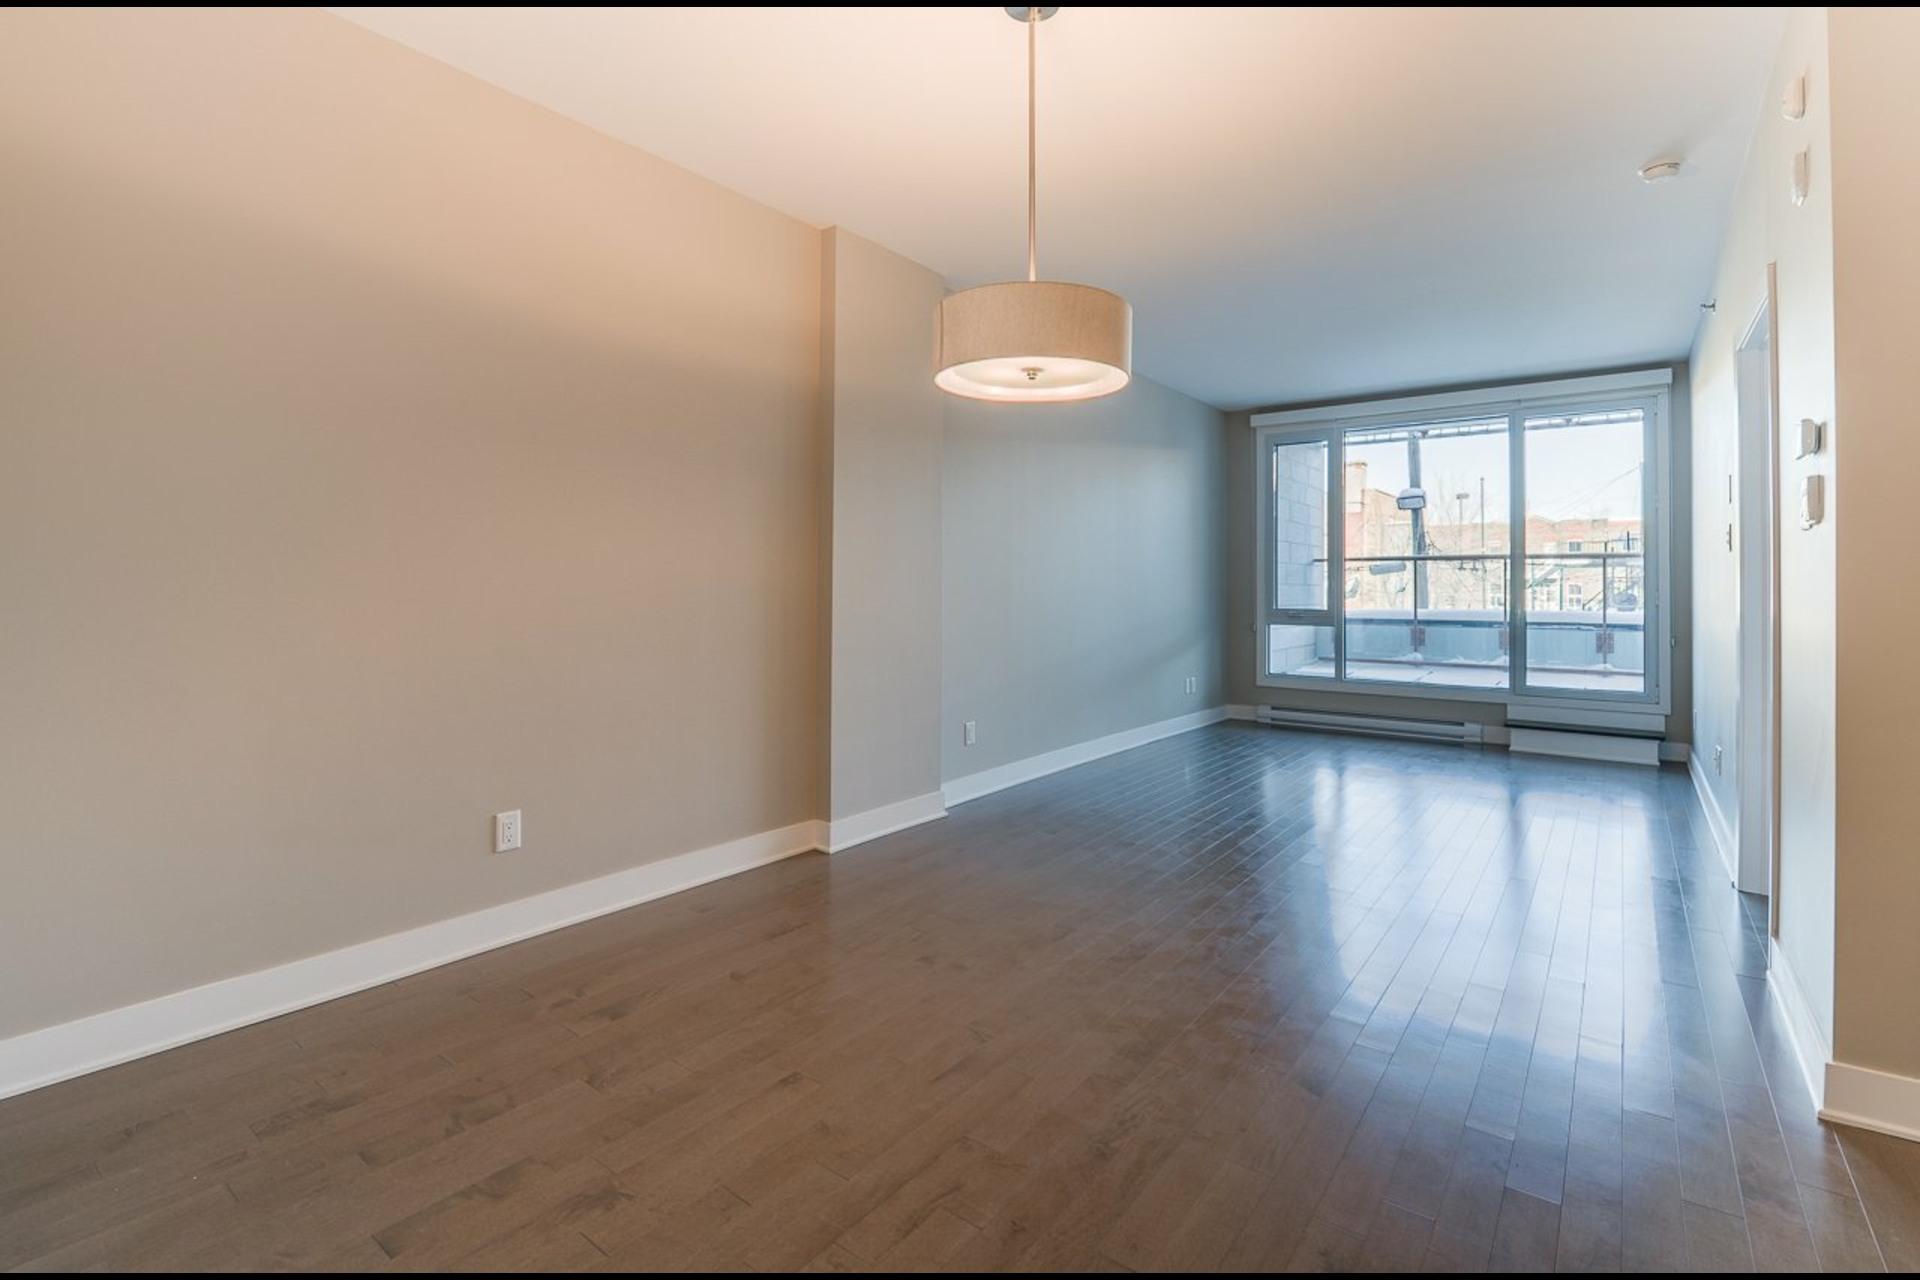 image 1 - Appartement À louer Montréal Rosemont/La Petite-Patrie  - 4 pièces